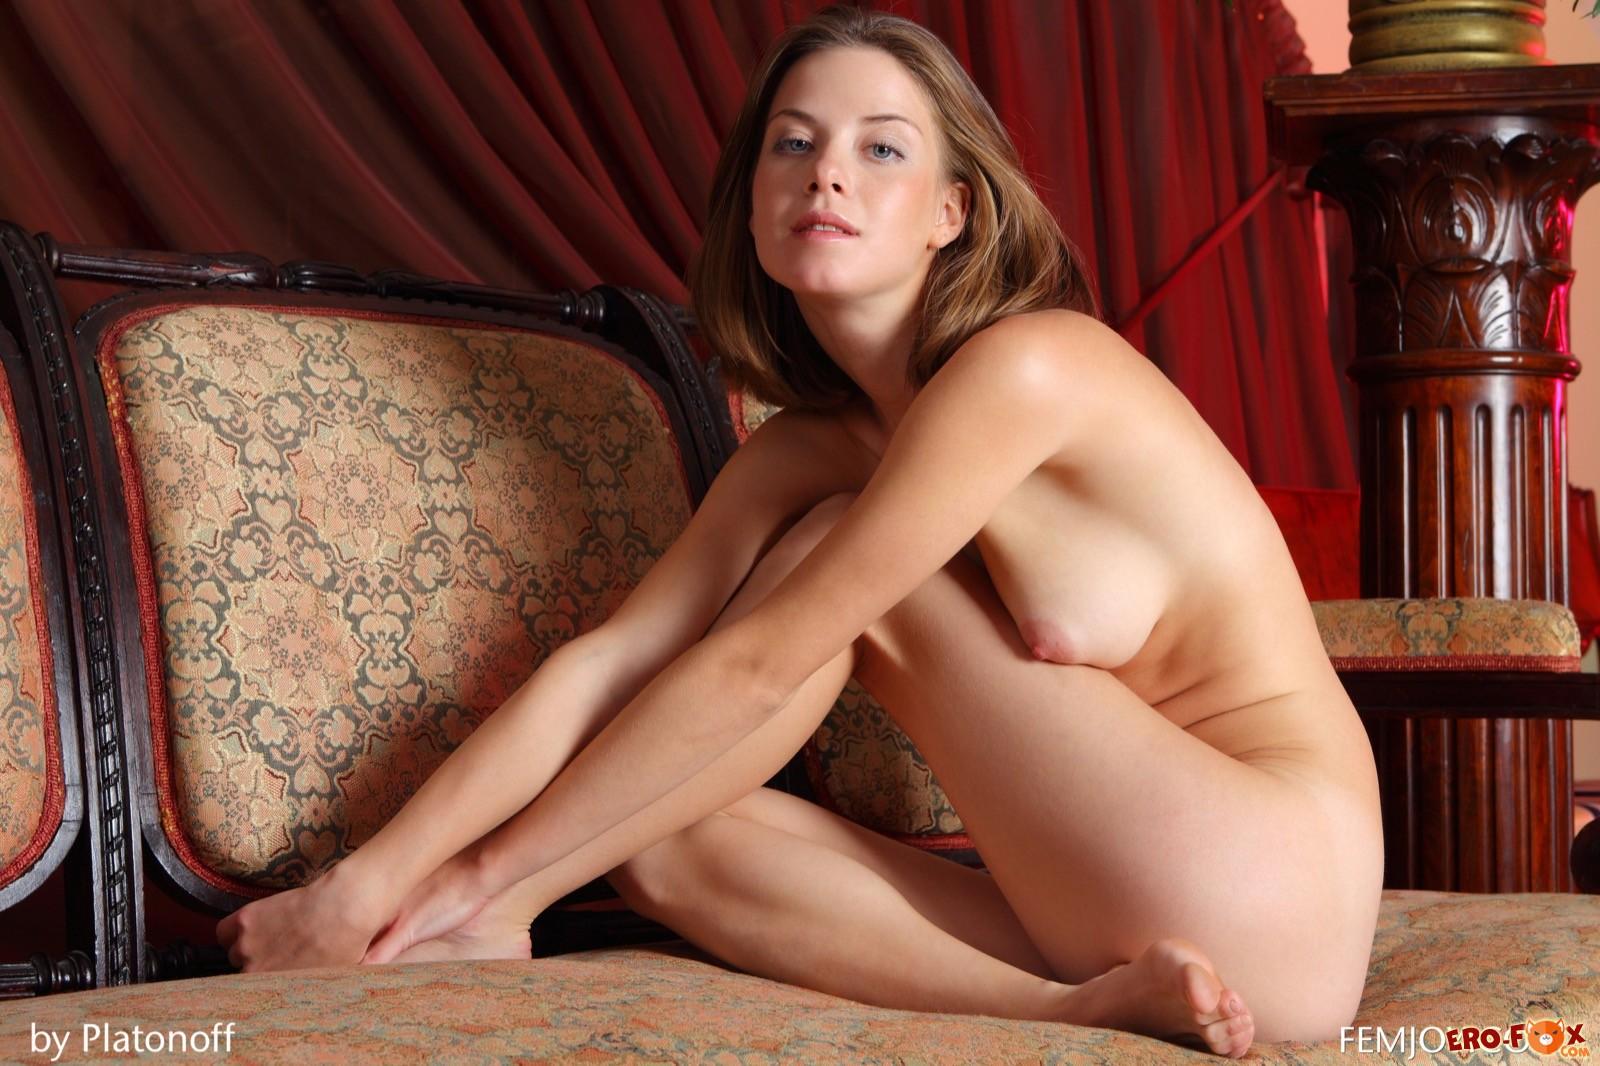 Голенькая шатенка сексуально позирует на стульях